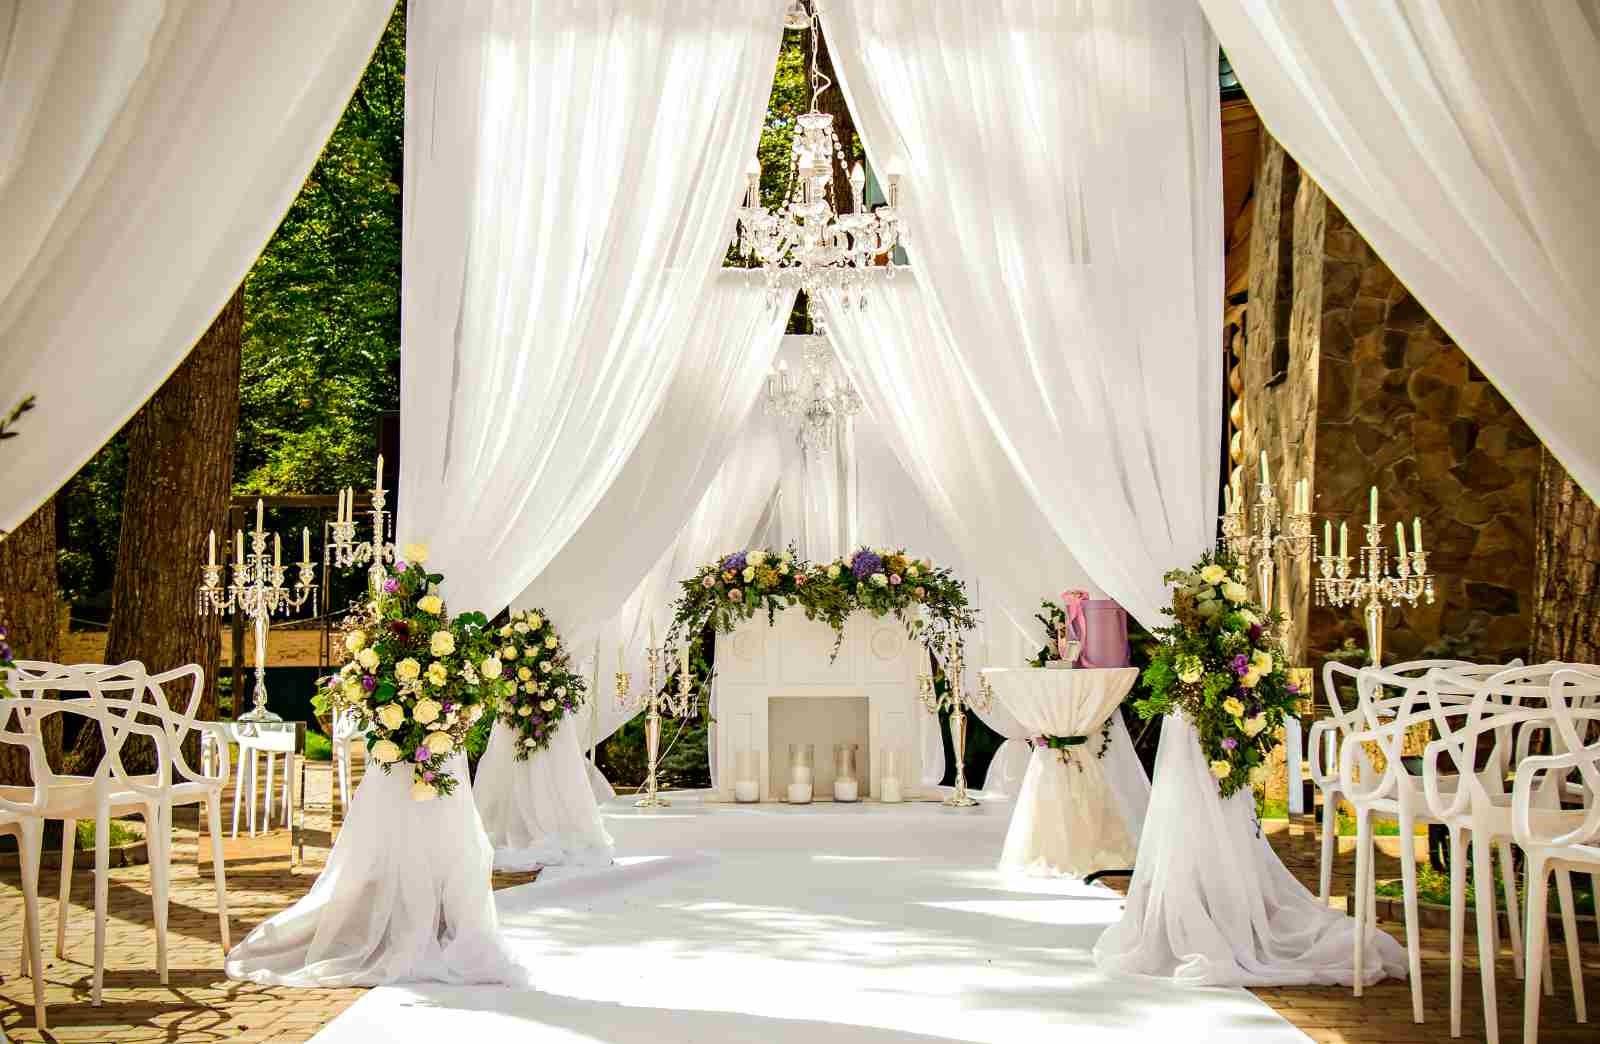 אירוע חלום: איך תזכרו את החתונה לכל החיים?, המדריך לתכנון חתונה, 2